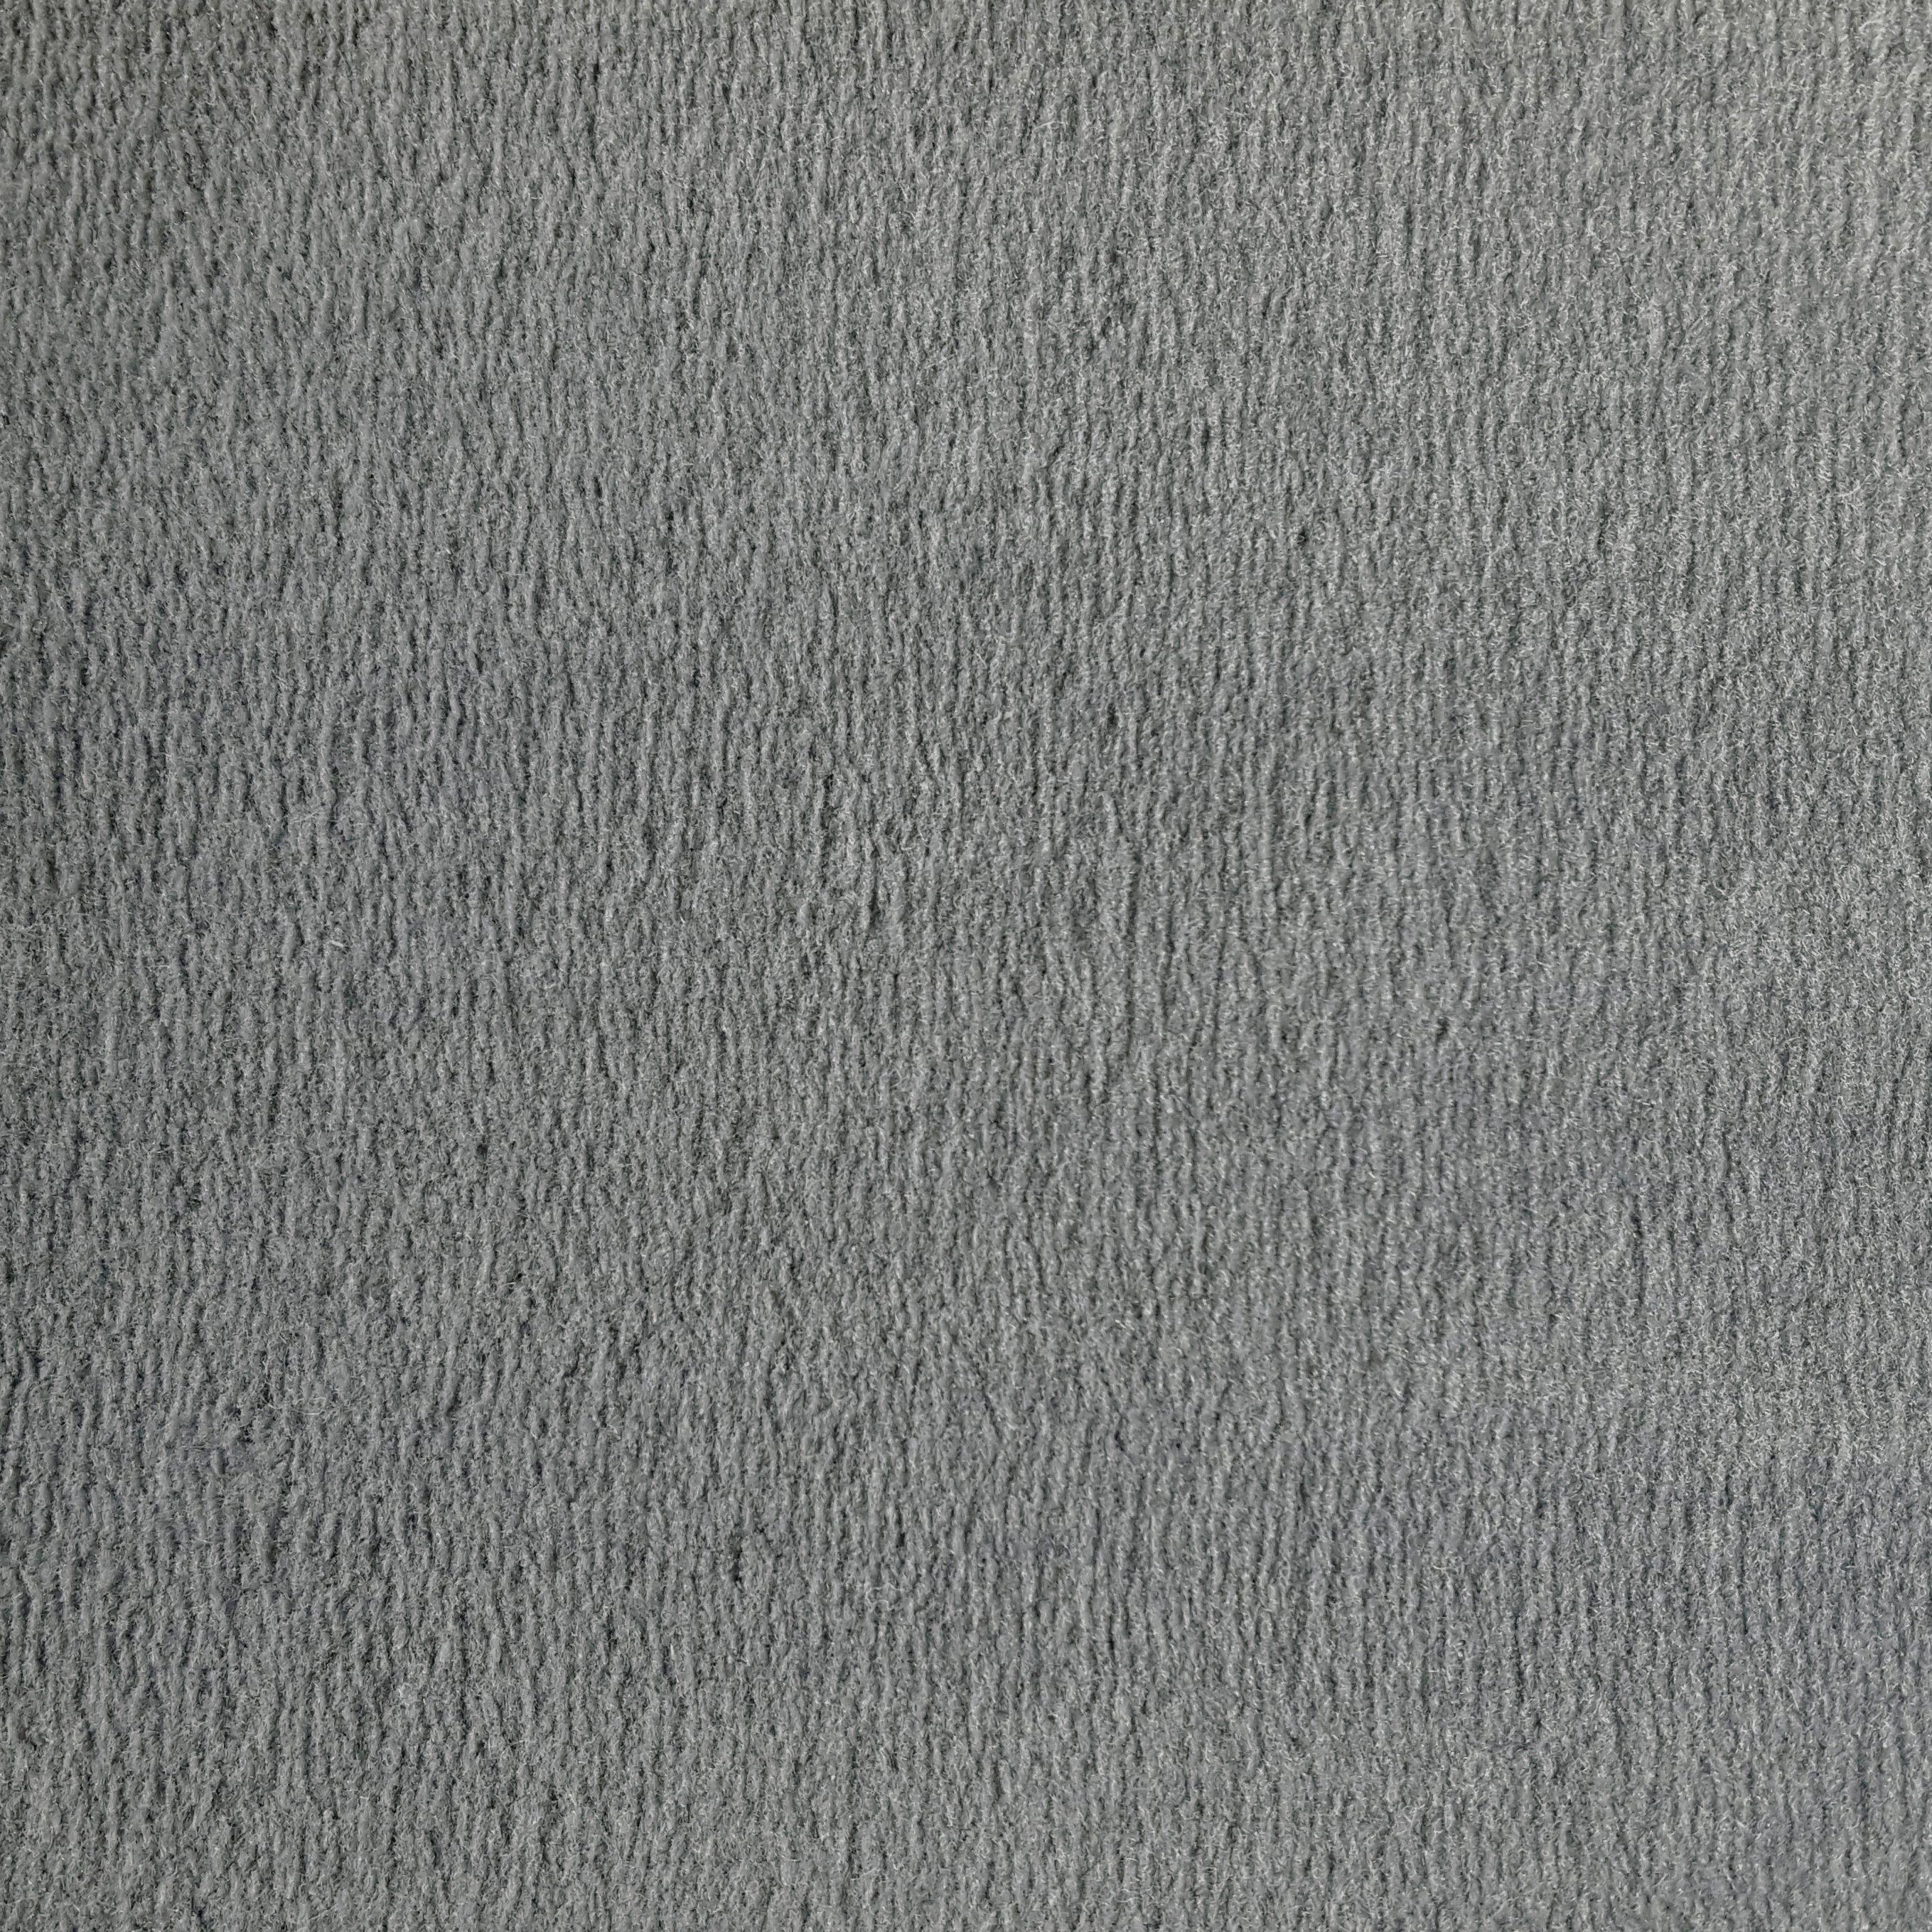 ANDIAMO Teppichboden »Oliveto hellgrau«, Breite 400 cm